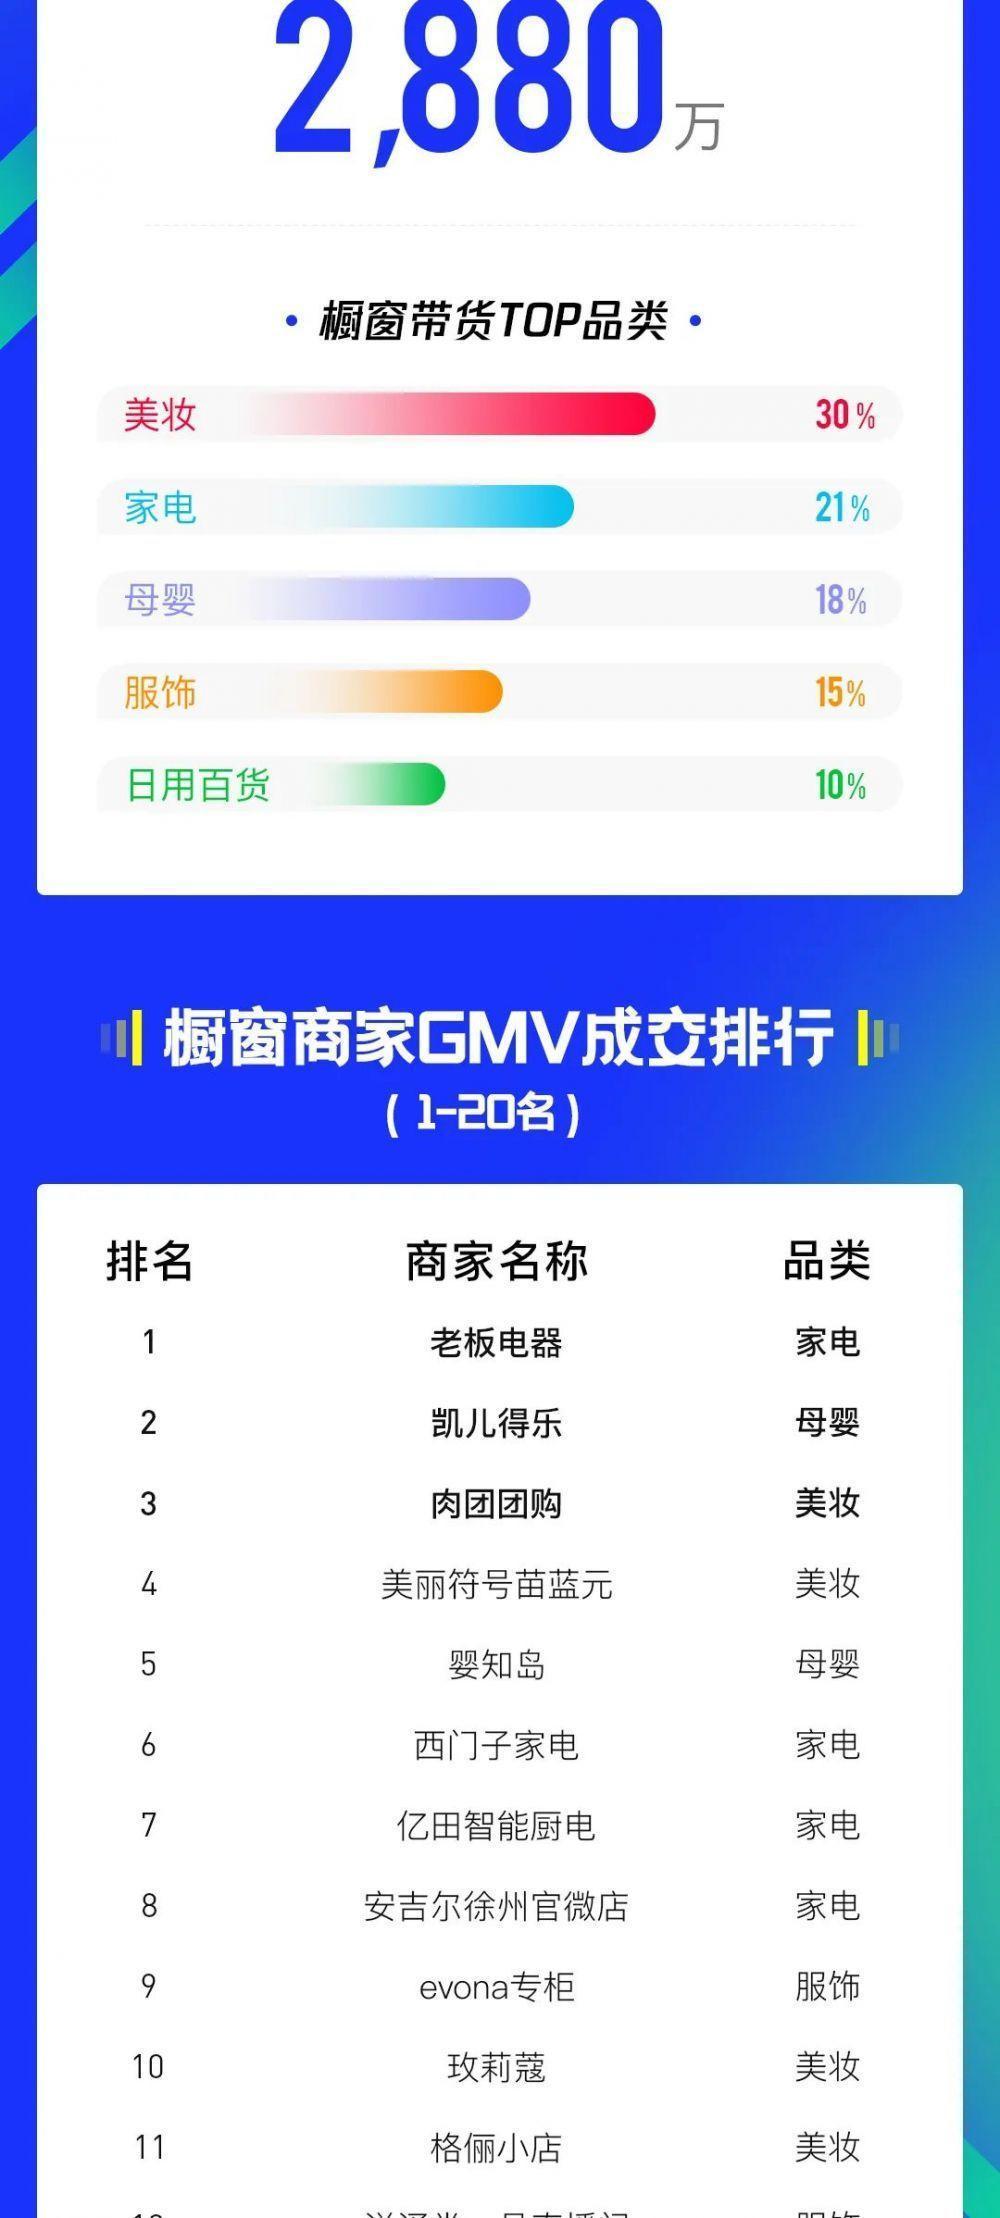 小品牌大力量!<a href='http://www.zhouxiaohui.cn'>腾讯直播</a>橱窗争霸赛战报来了!-第2张图片-周小辉博客